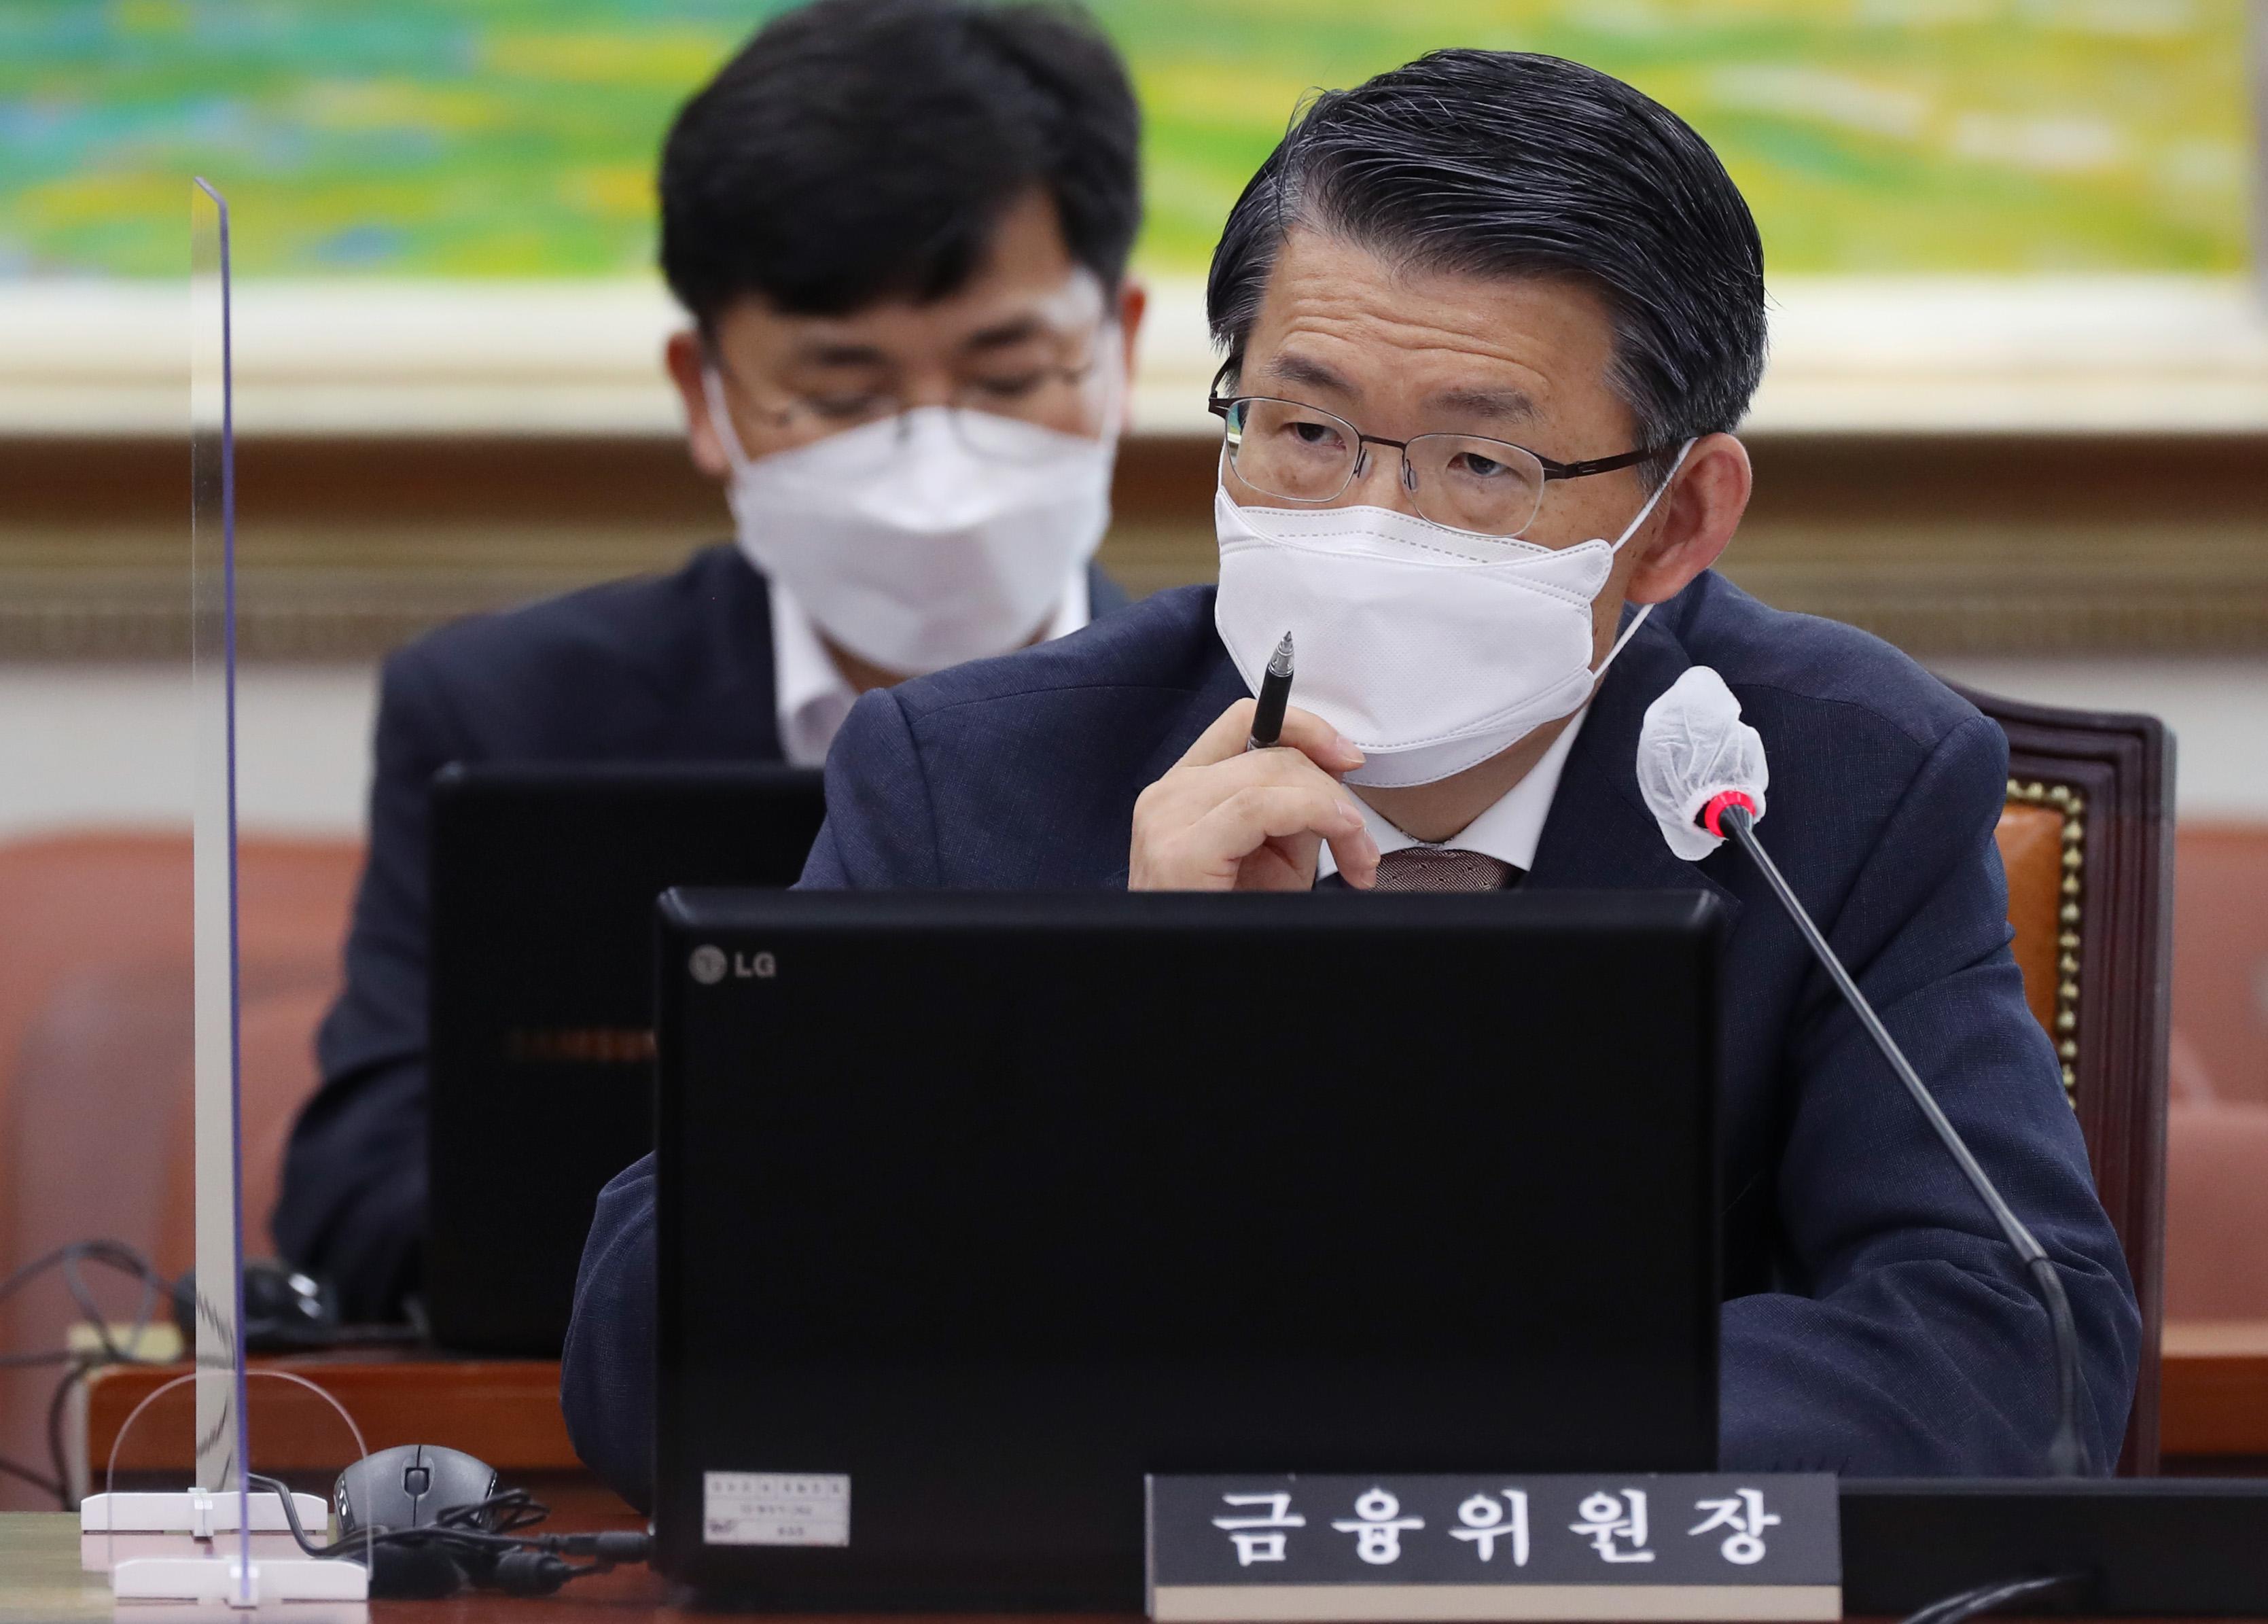 이동걸 회장 건배사 논란에 진땀 흘린 은성수 위원장